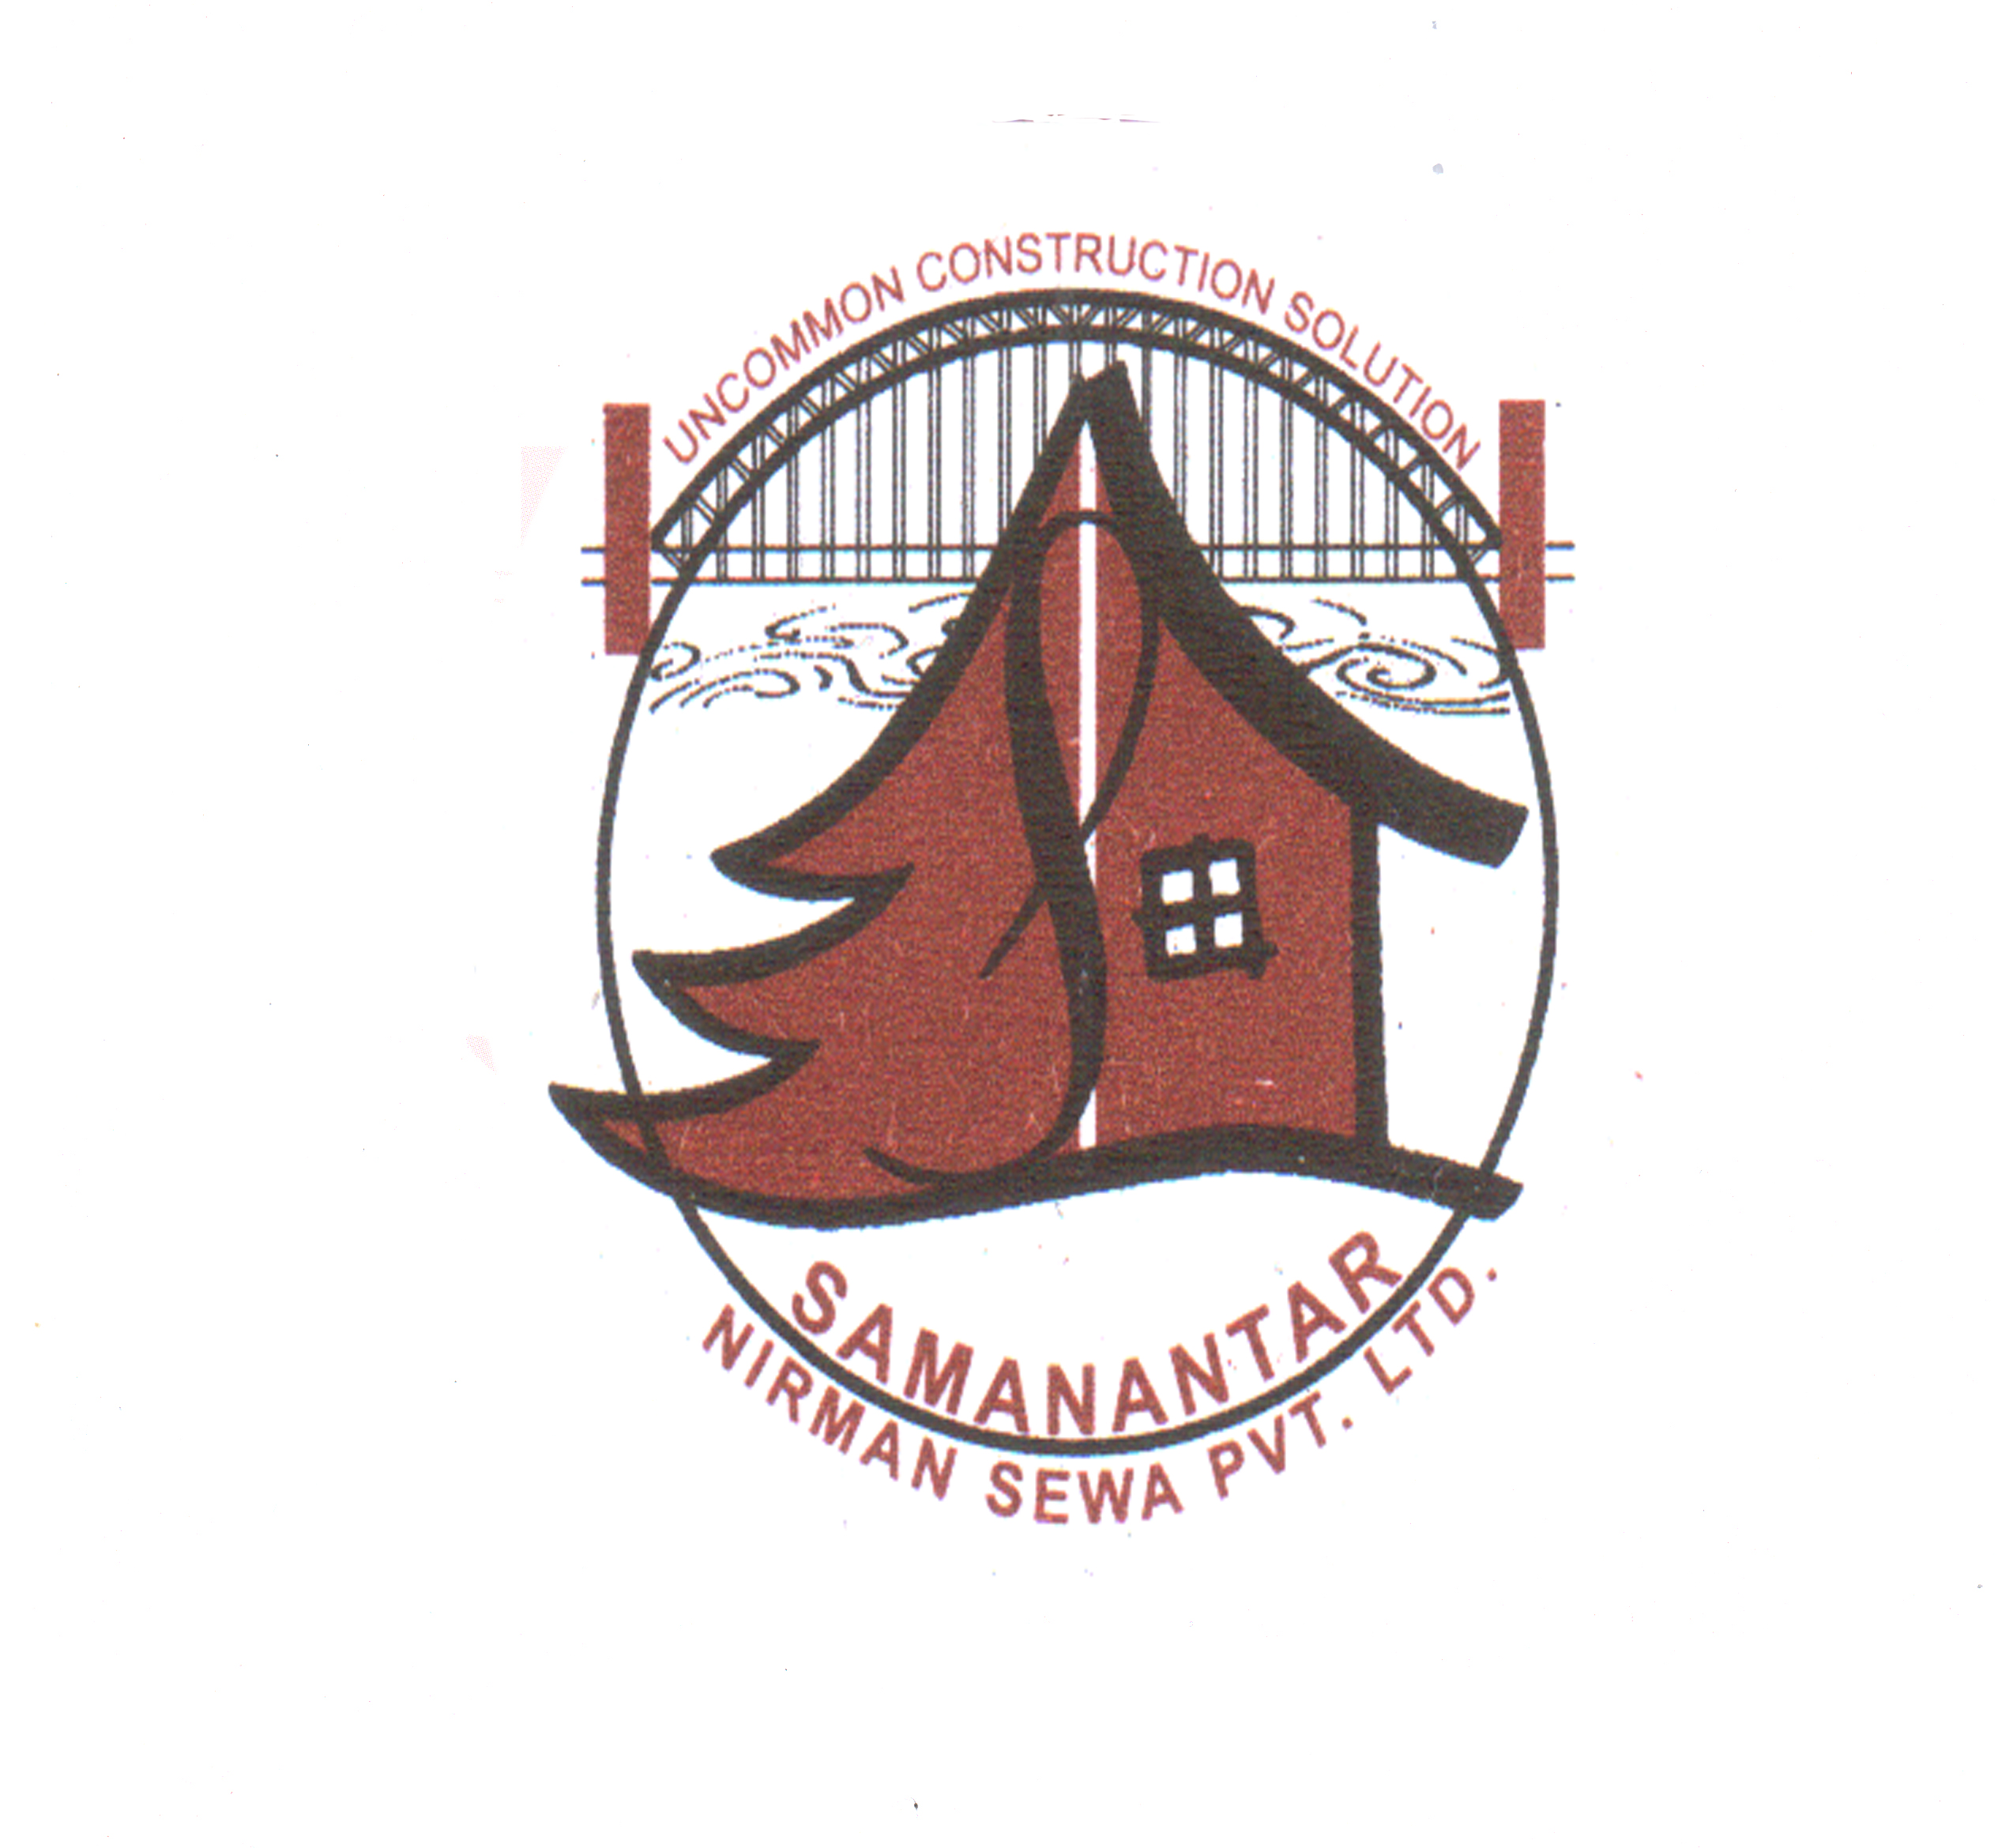 Samanantar Nirman Sewa PVT.LTD